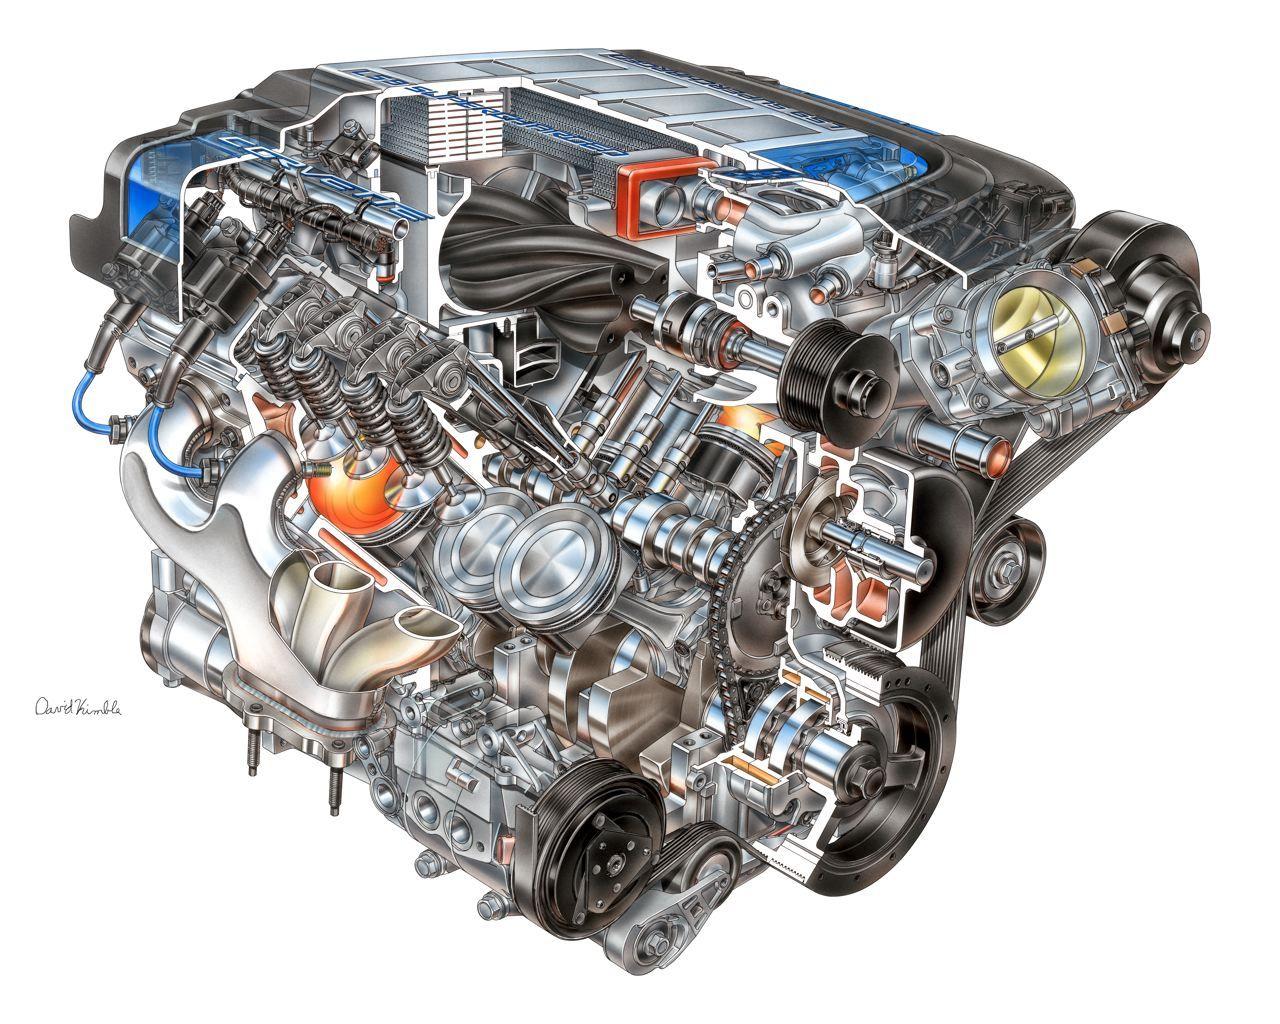 Chevrolet Corvette ZR1 engine | car stuff | Pinterest | Chevrolet ...